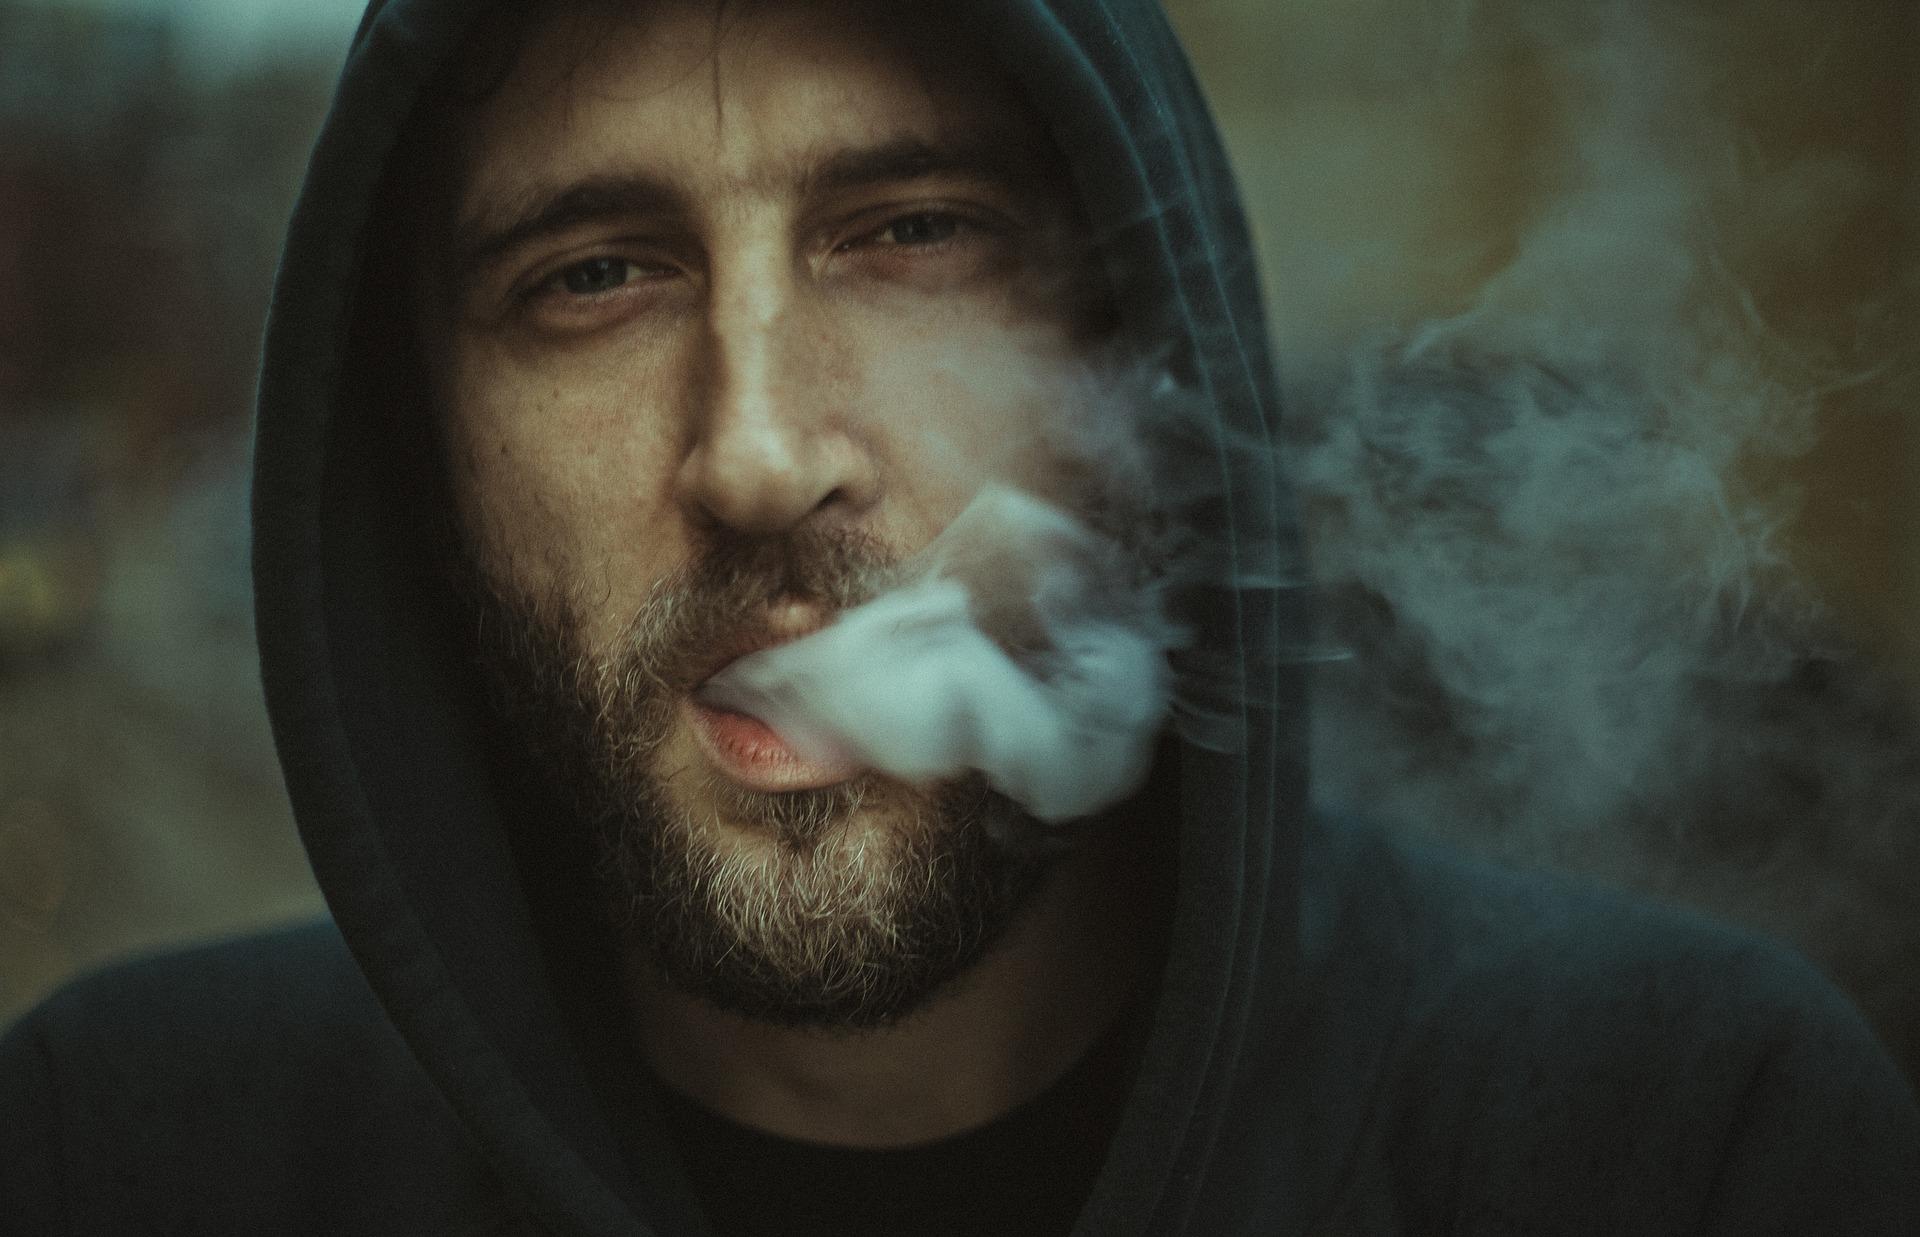 Mit dem Rauchen aufhören - Raucherentwöhnung